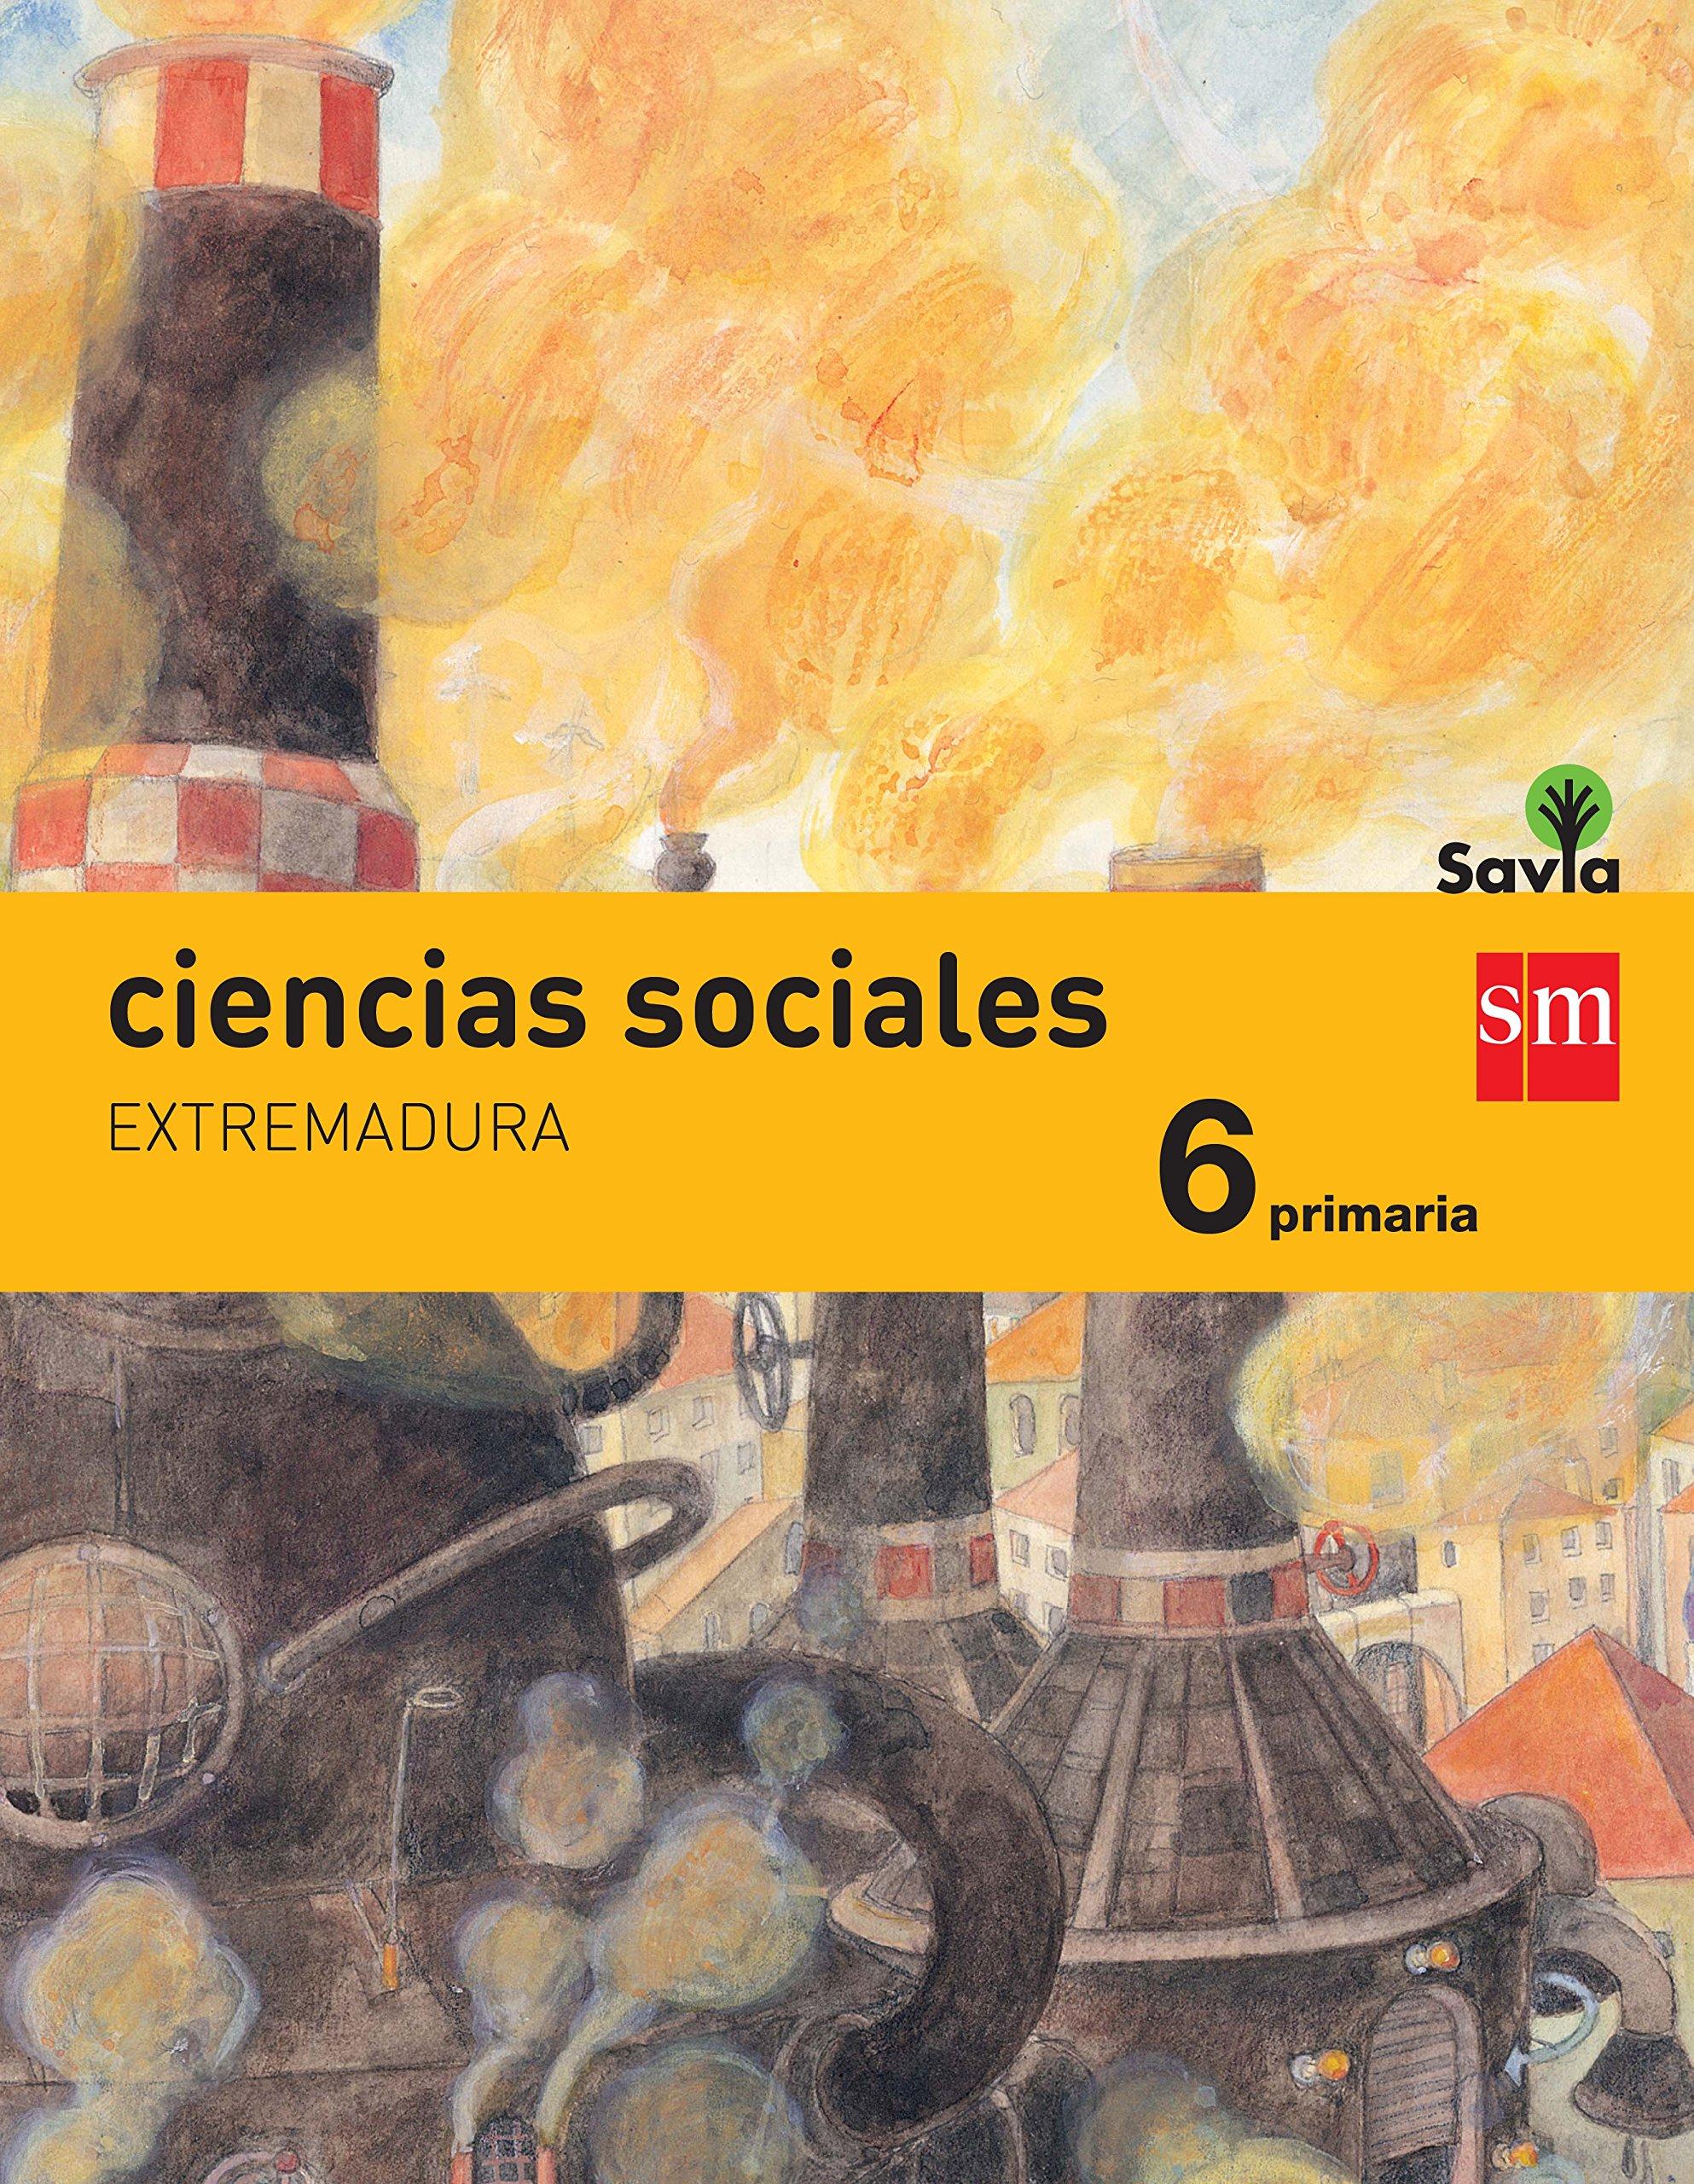 Download CIENCIAS SOCIALES 6ºEP EXTREMAD.15 INTEGRA.SAVIA SMCSO16EP ebook